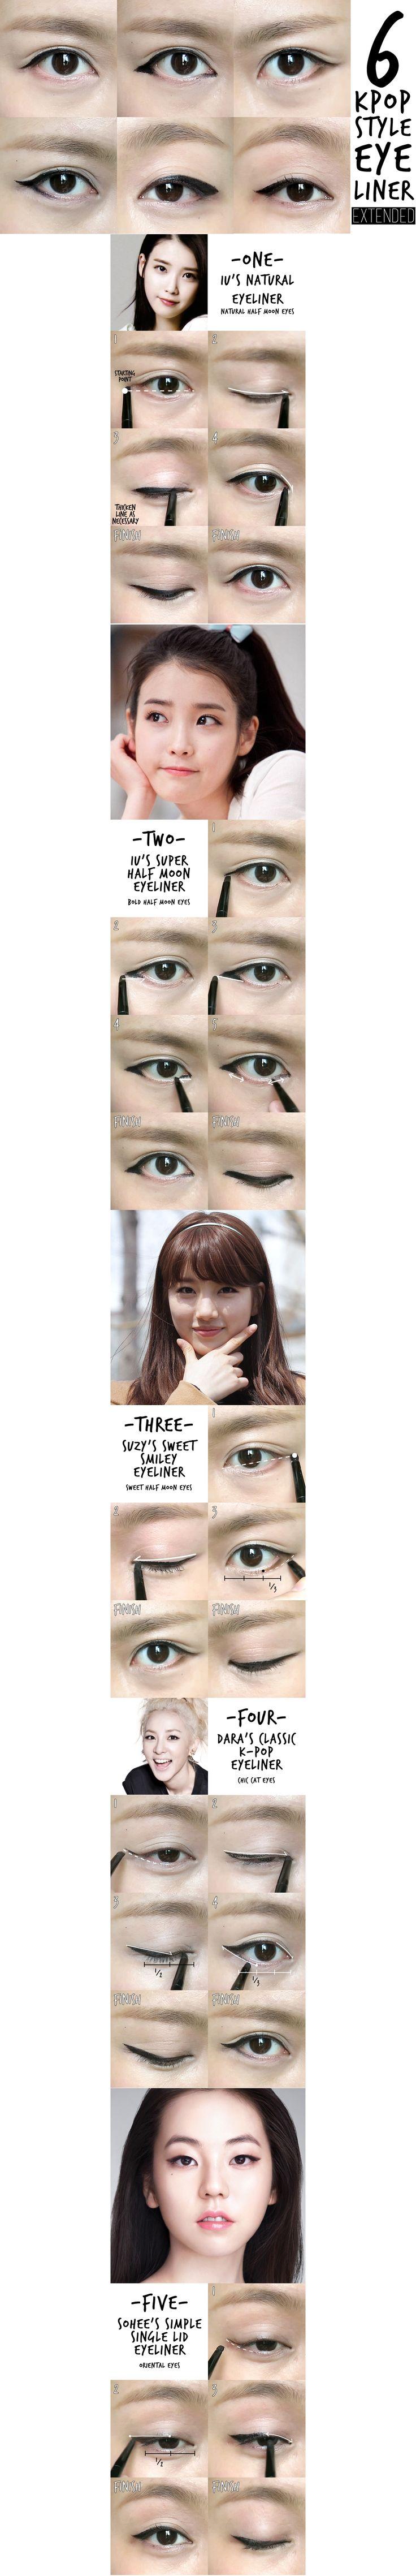 Best tutorial  6 k pop eyeliner http://nerium.kr/preenroll/debbiekrug?alias=debbiekrug